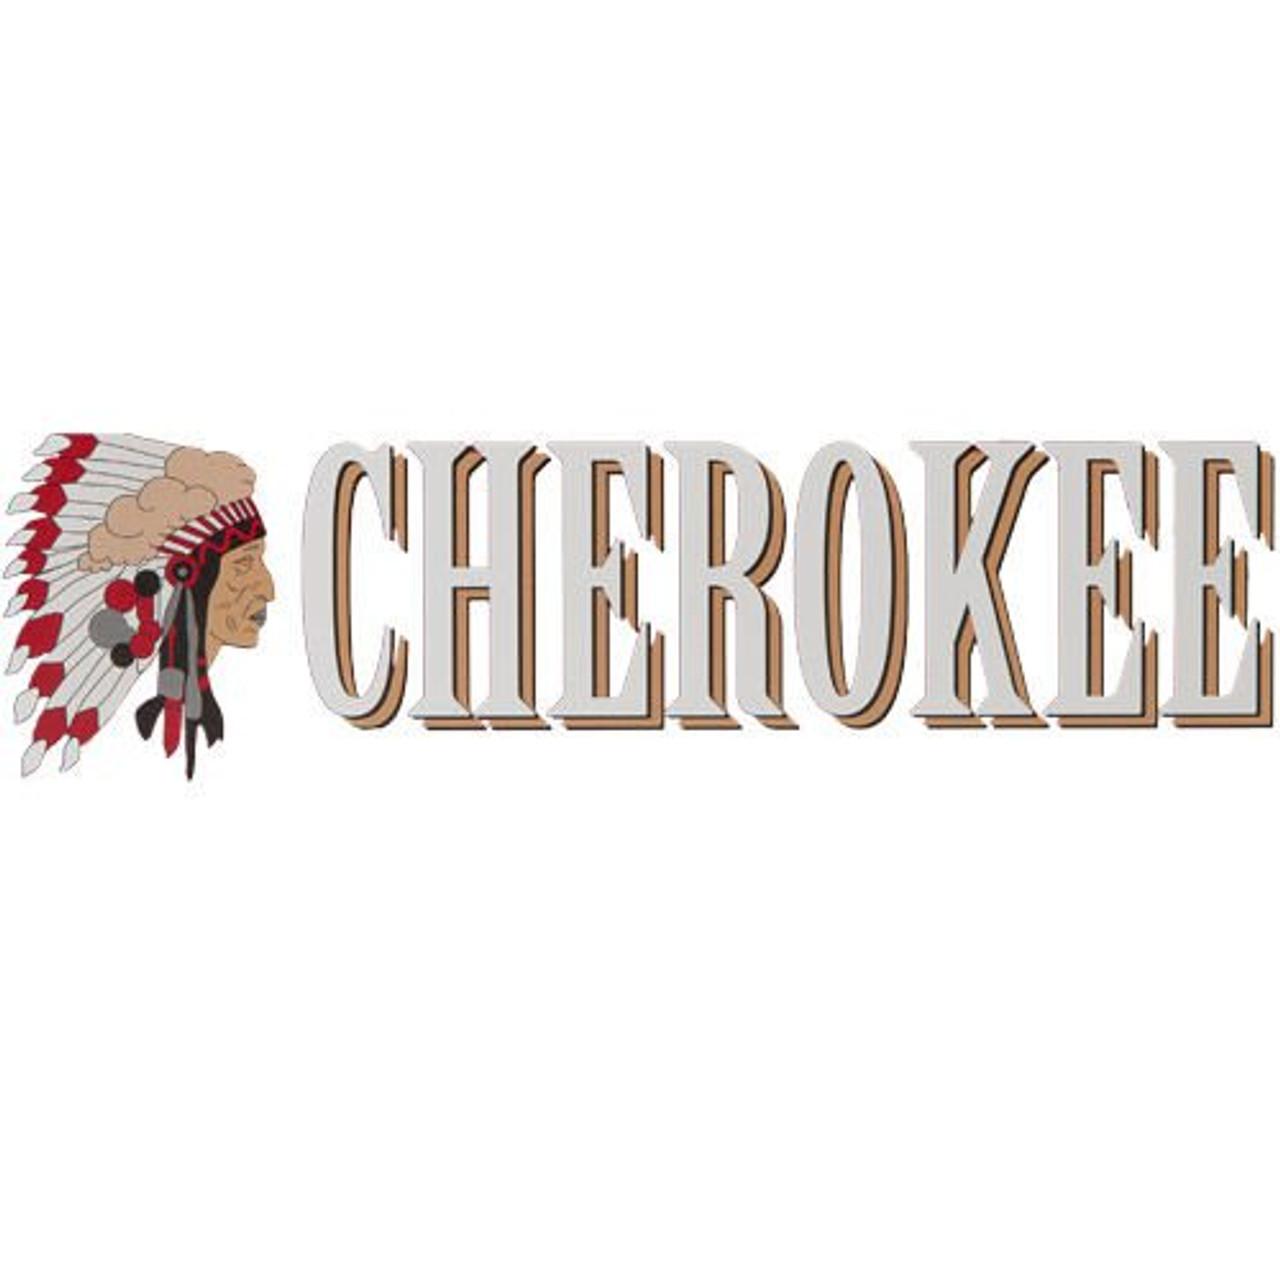 Cherokee Fine-Cut Tobacco Original | 5 Lb. Bag